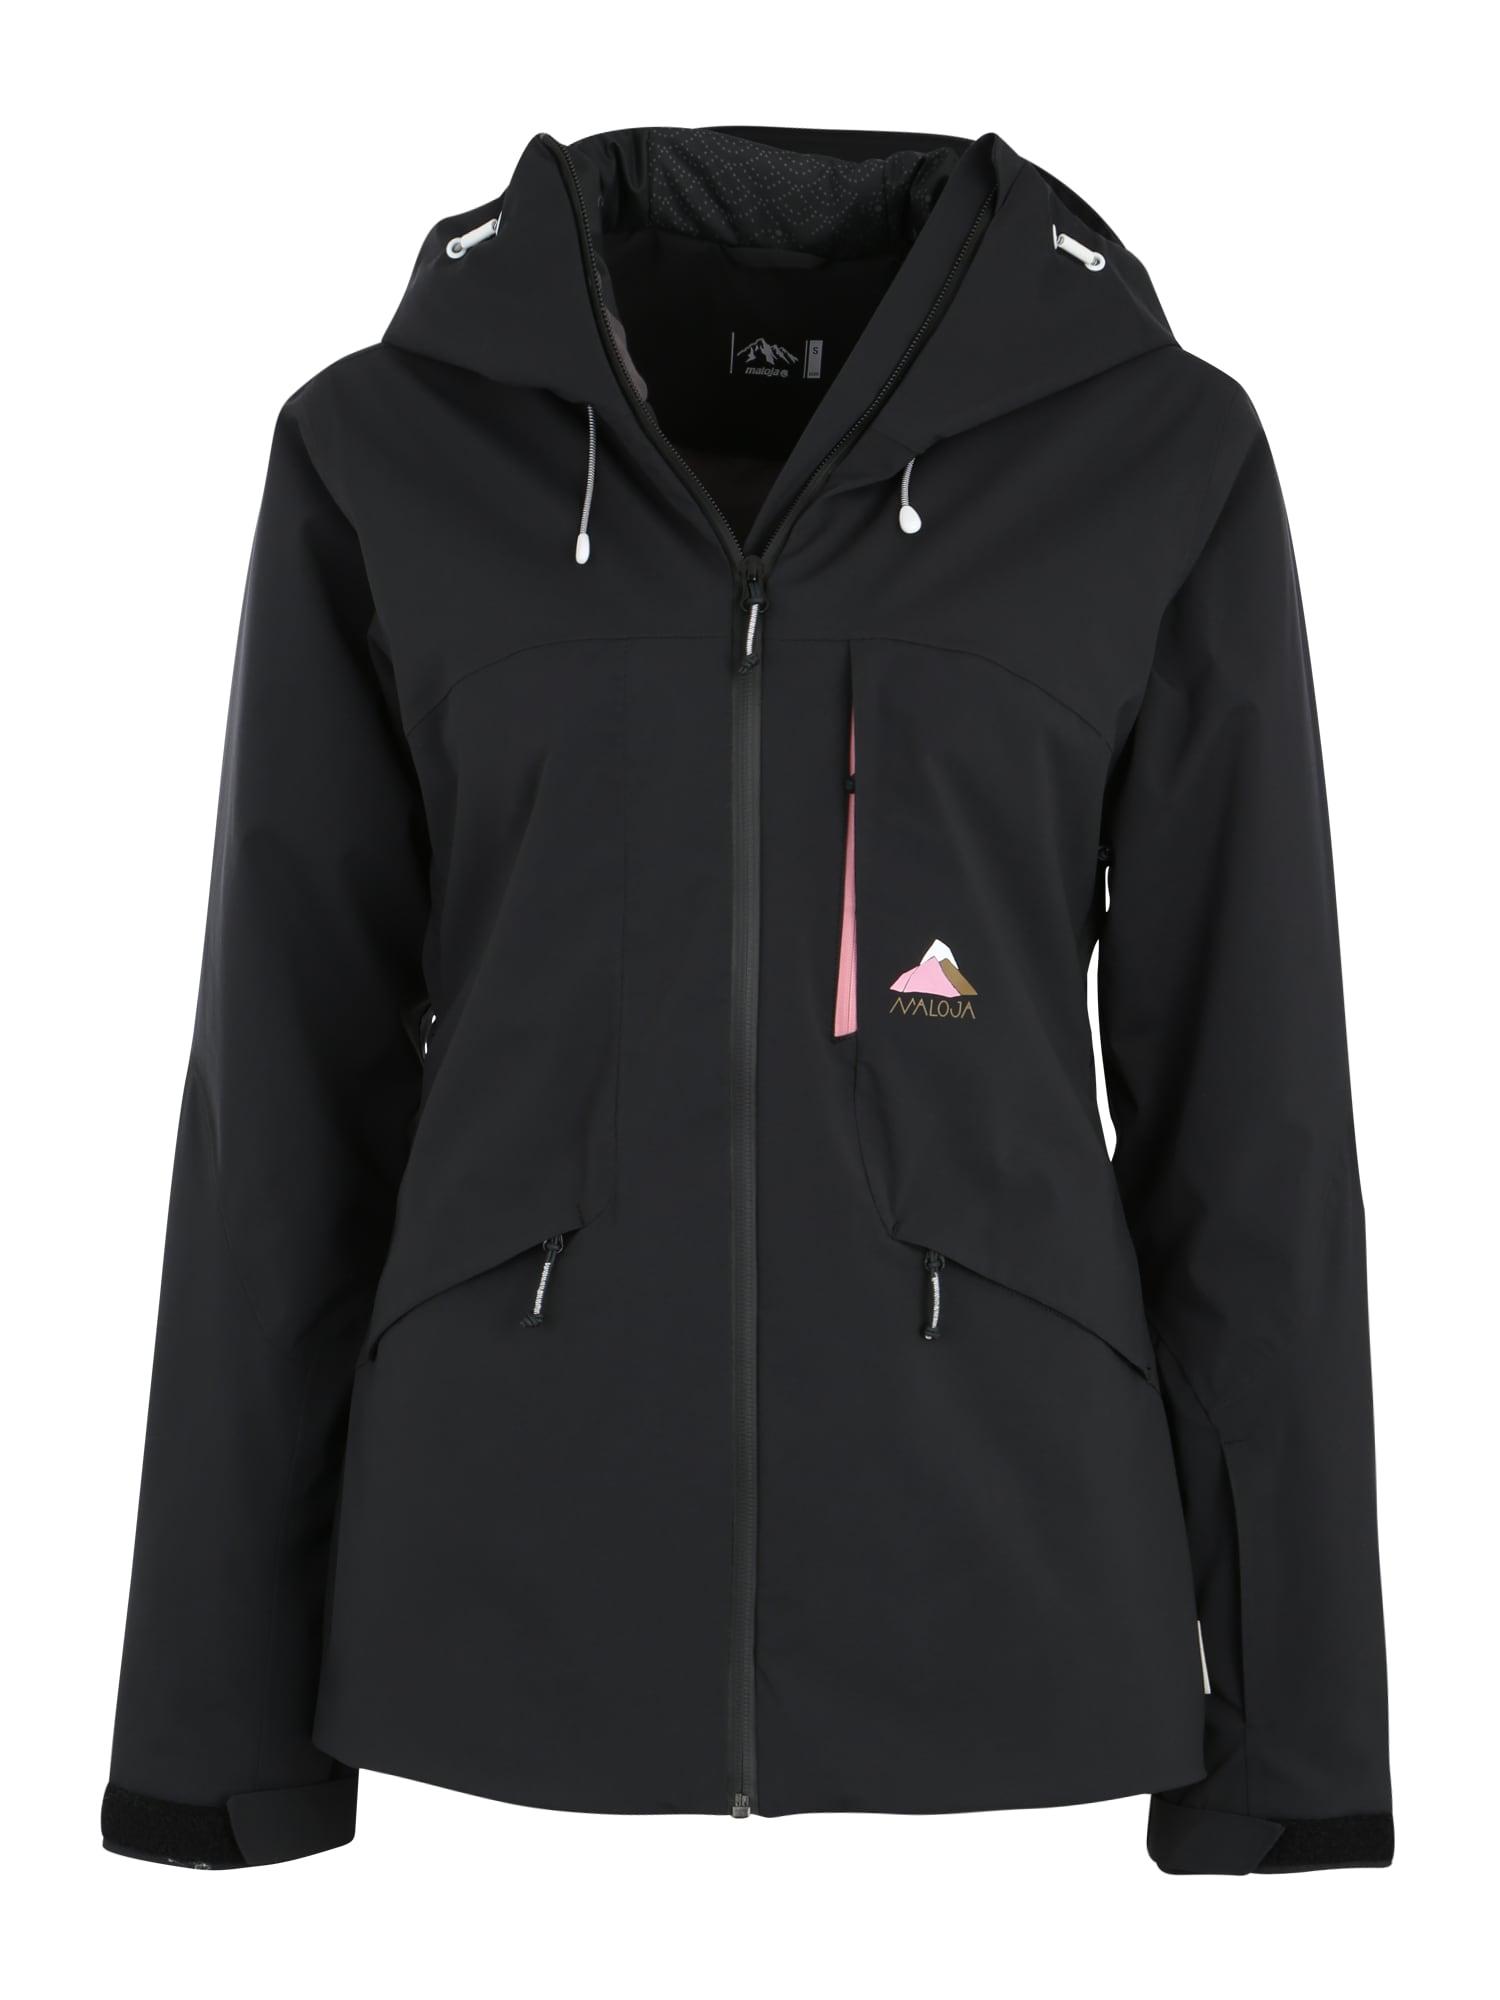 Outdoorová bunda RamunM. černá Maloja